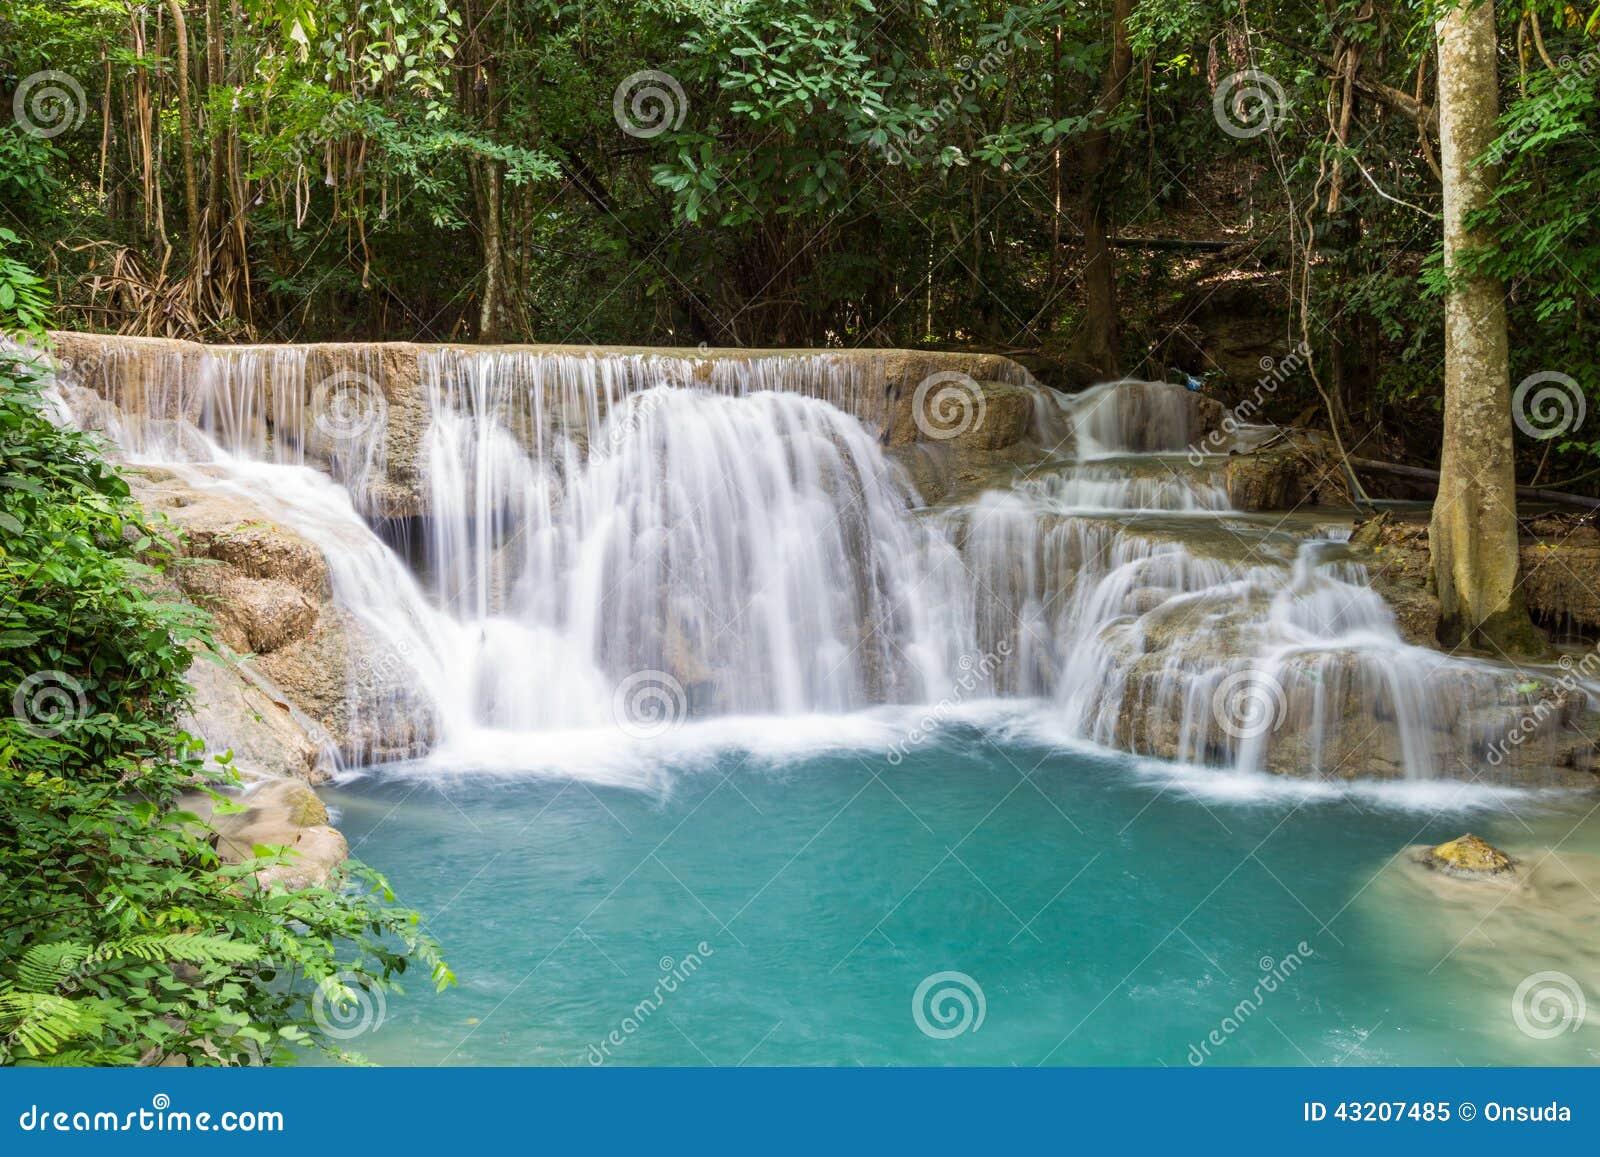 Download Trevlig Vattenfall I Thailand Fotografering för Bildbyråer - Bild av green, lopp: 43207485